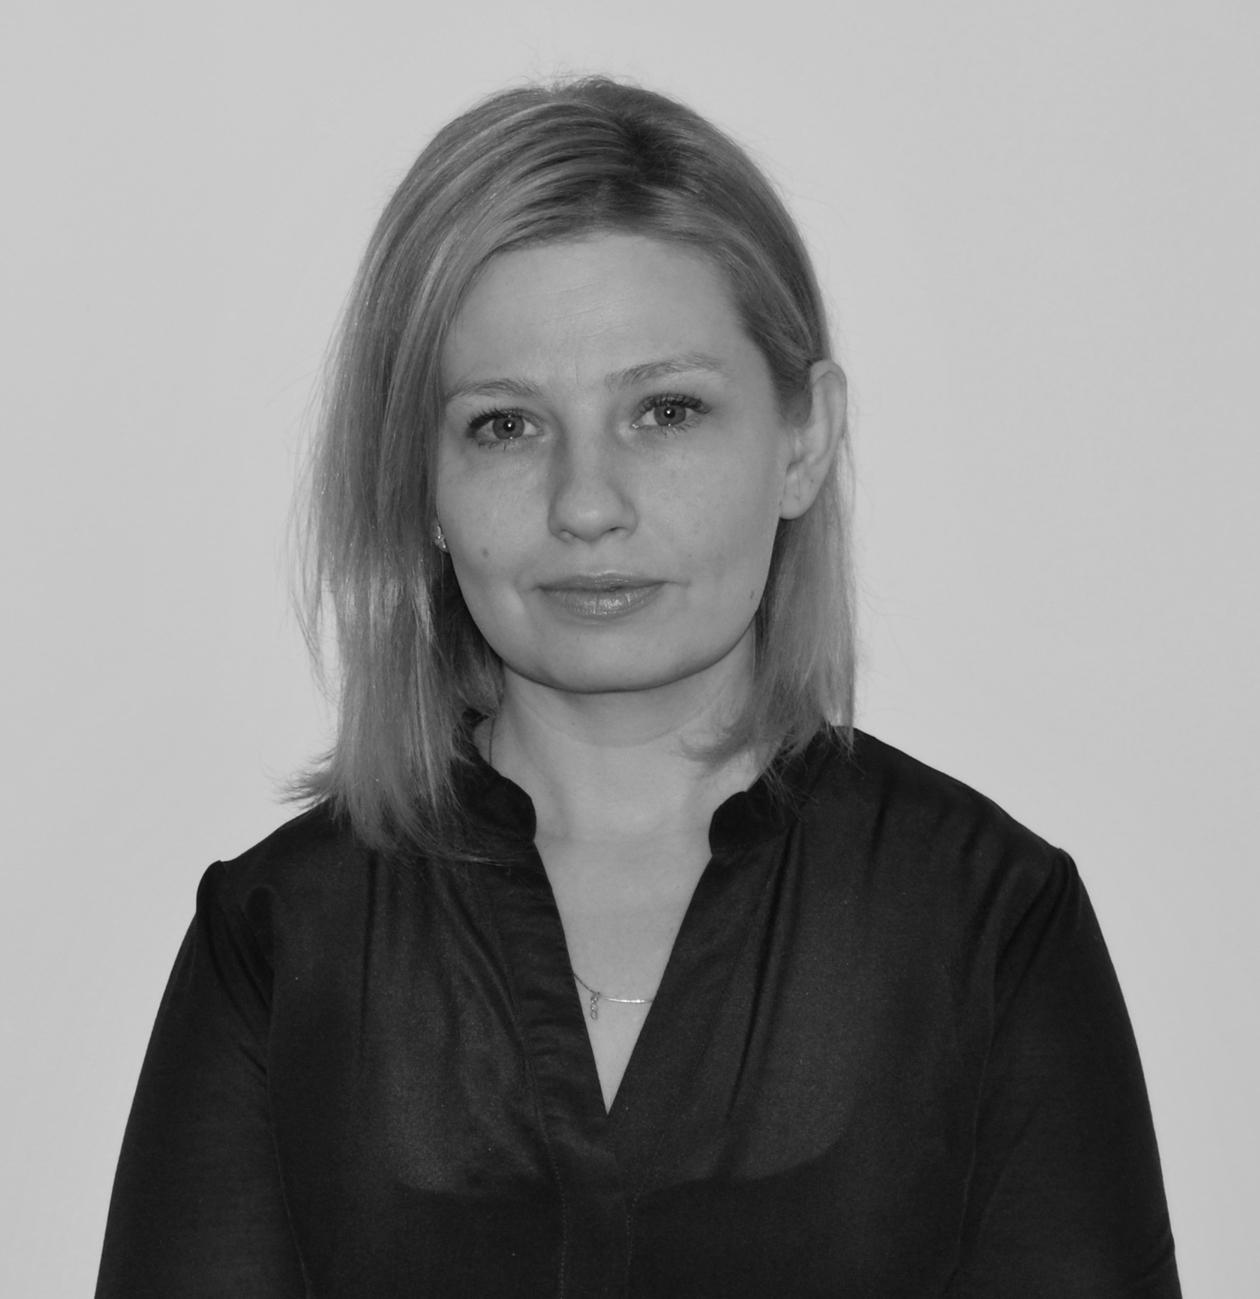 Oana Ionascu